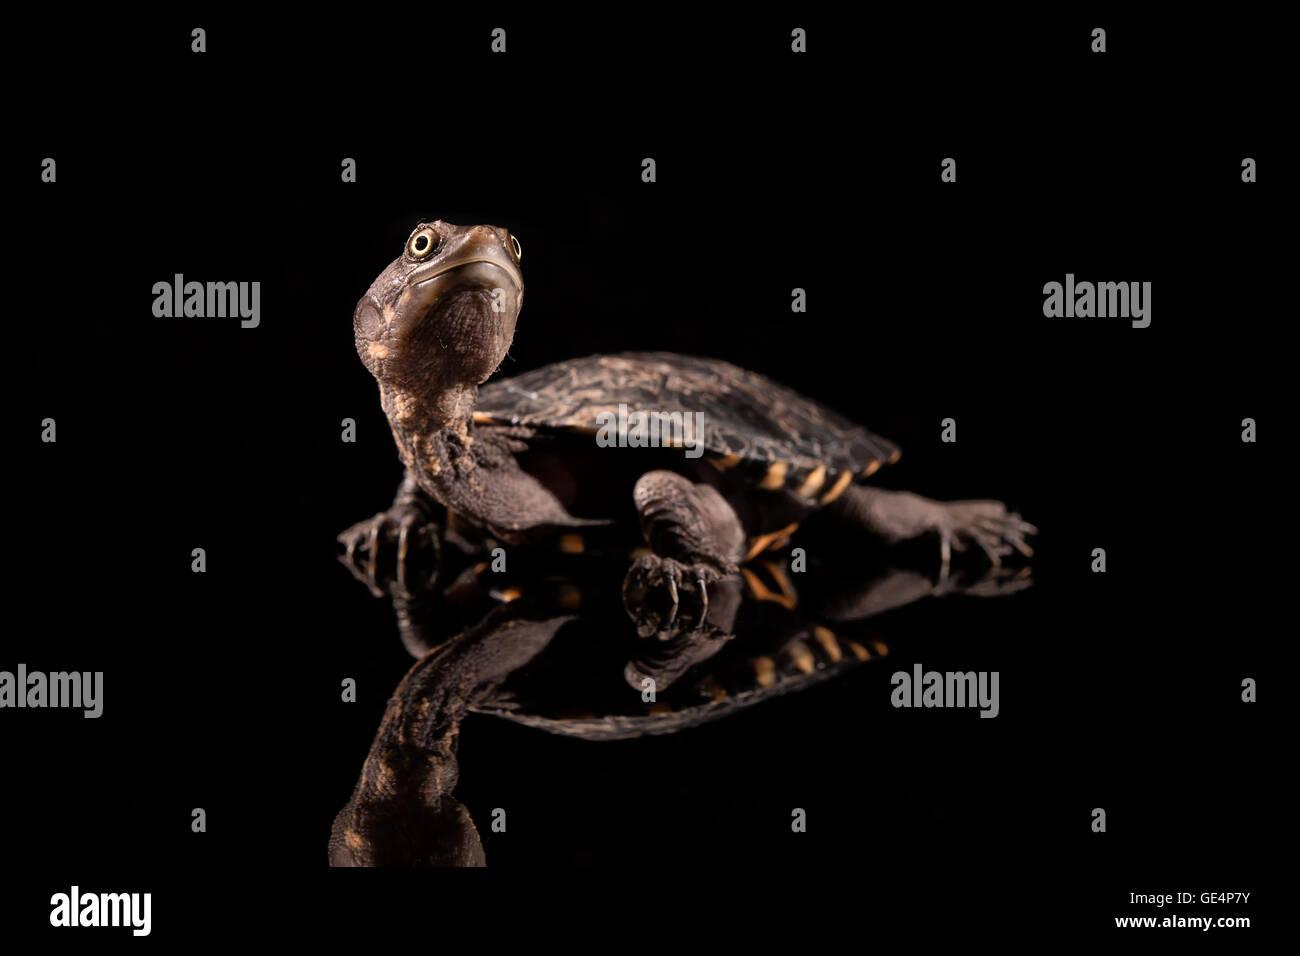 Baby Eastern Long-Necked-Schildkröte, die auf der Suche nach oben Stockbild